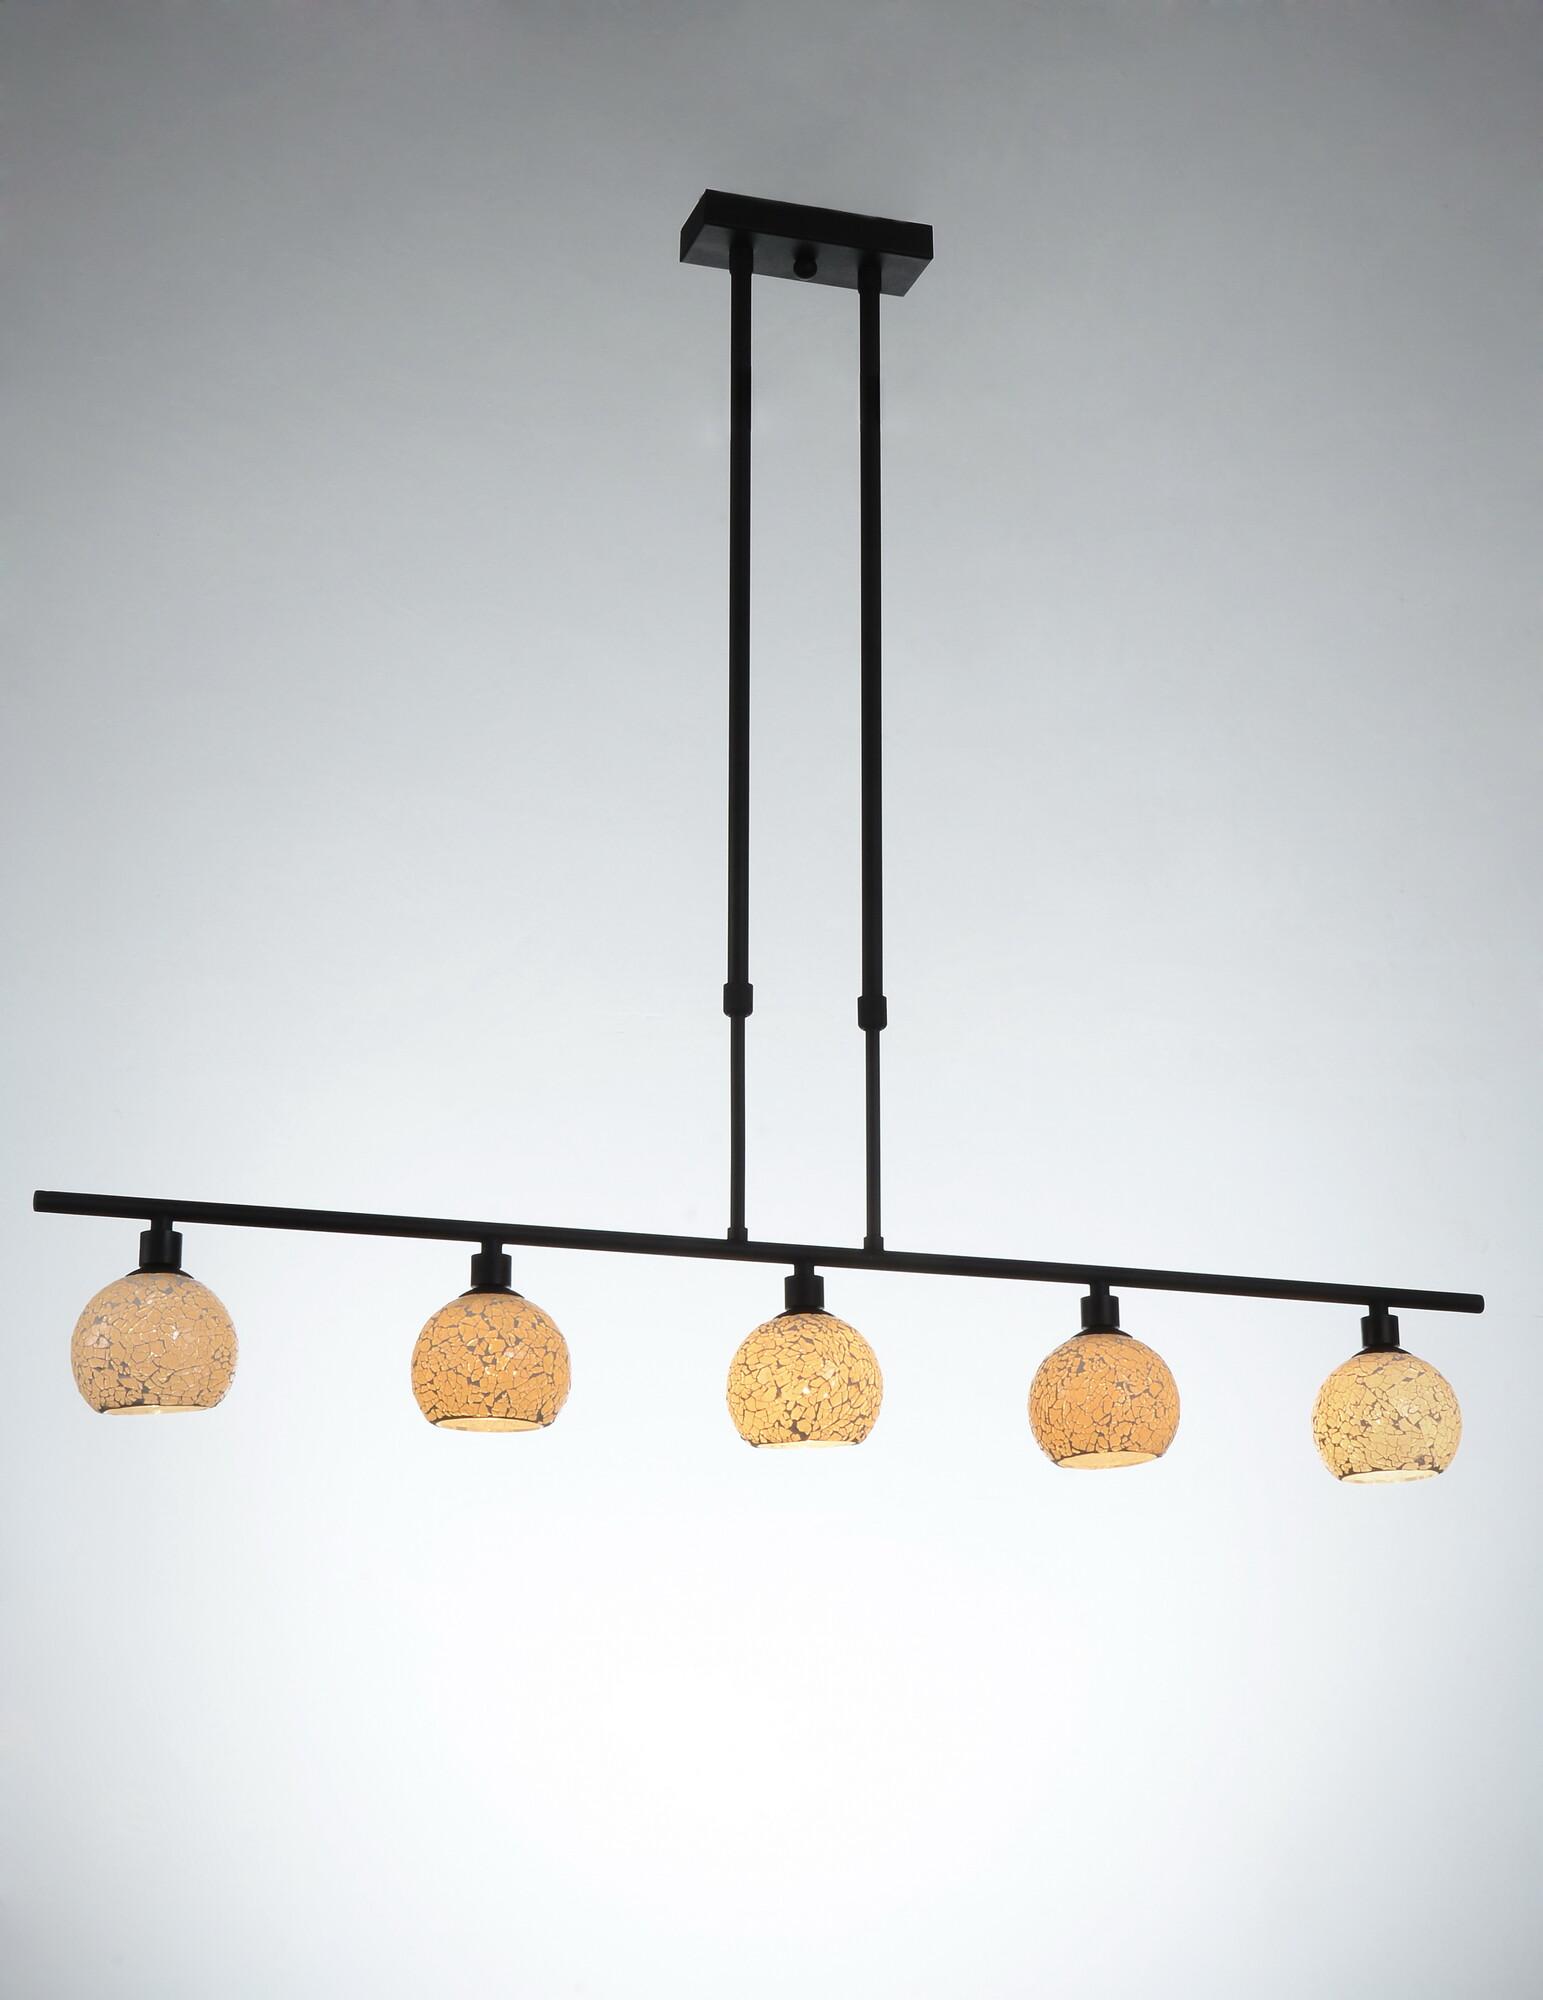 MOSAIC2 hanglampen